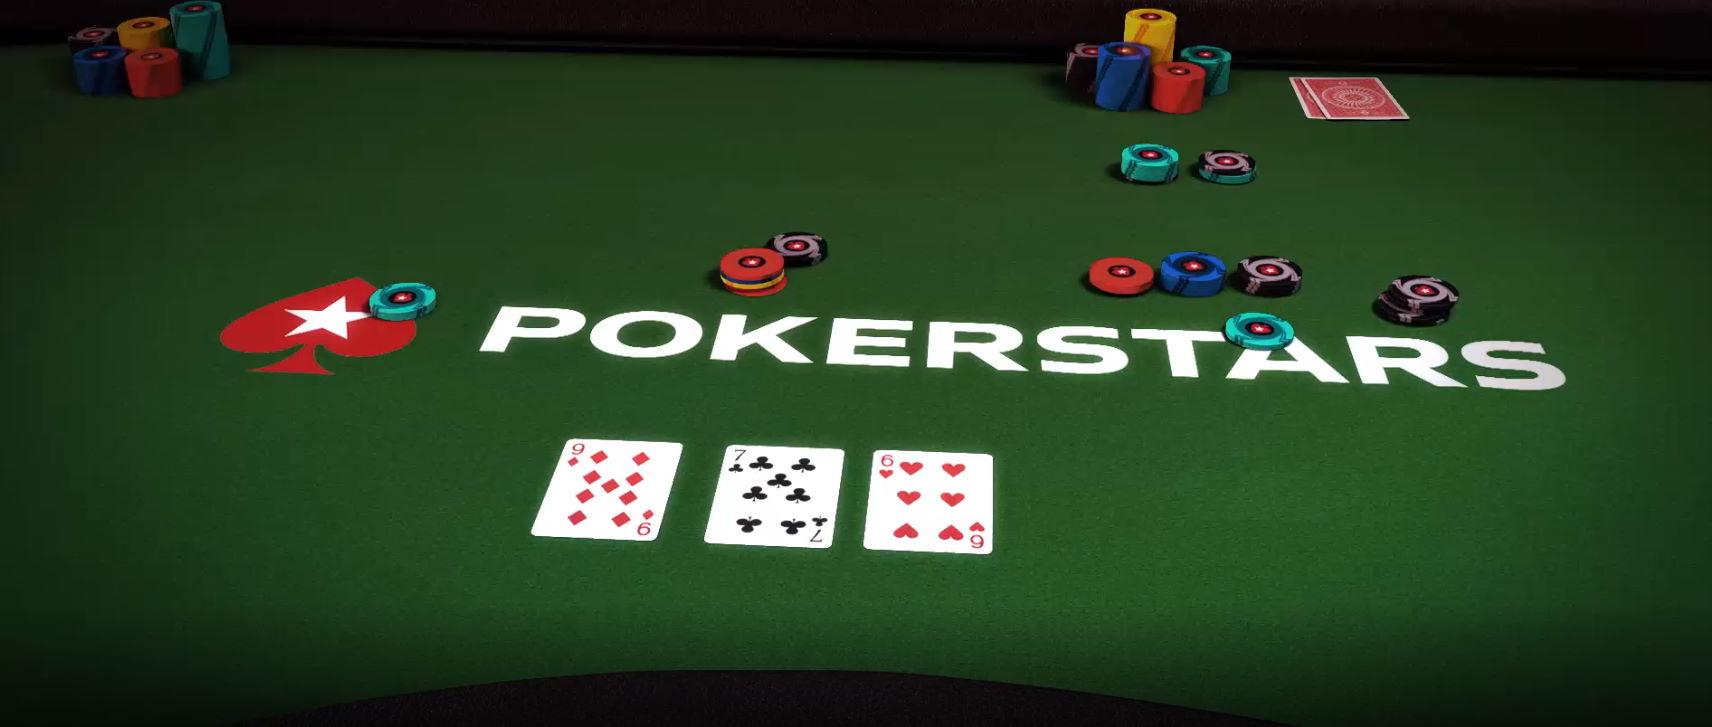 Poker Stars Review